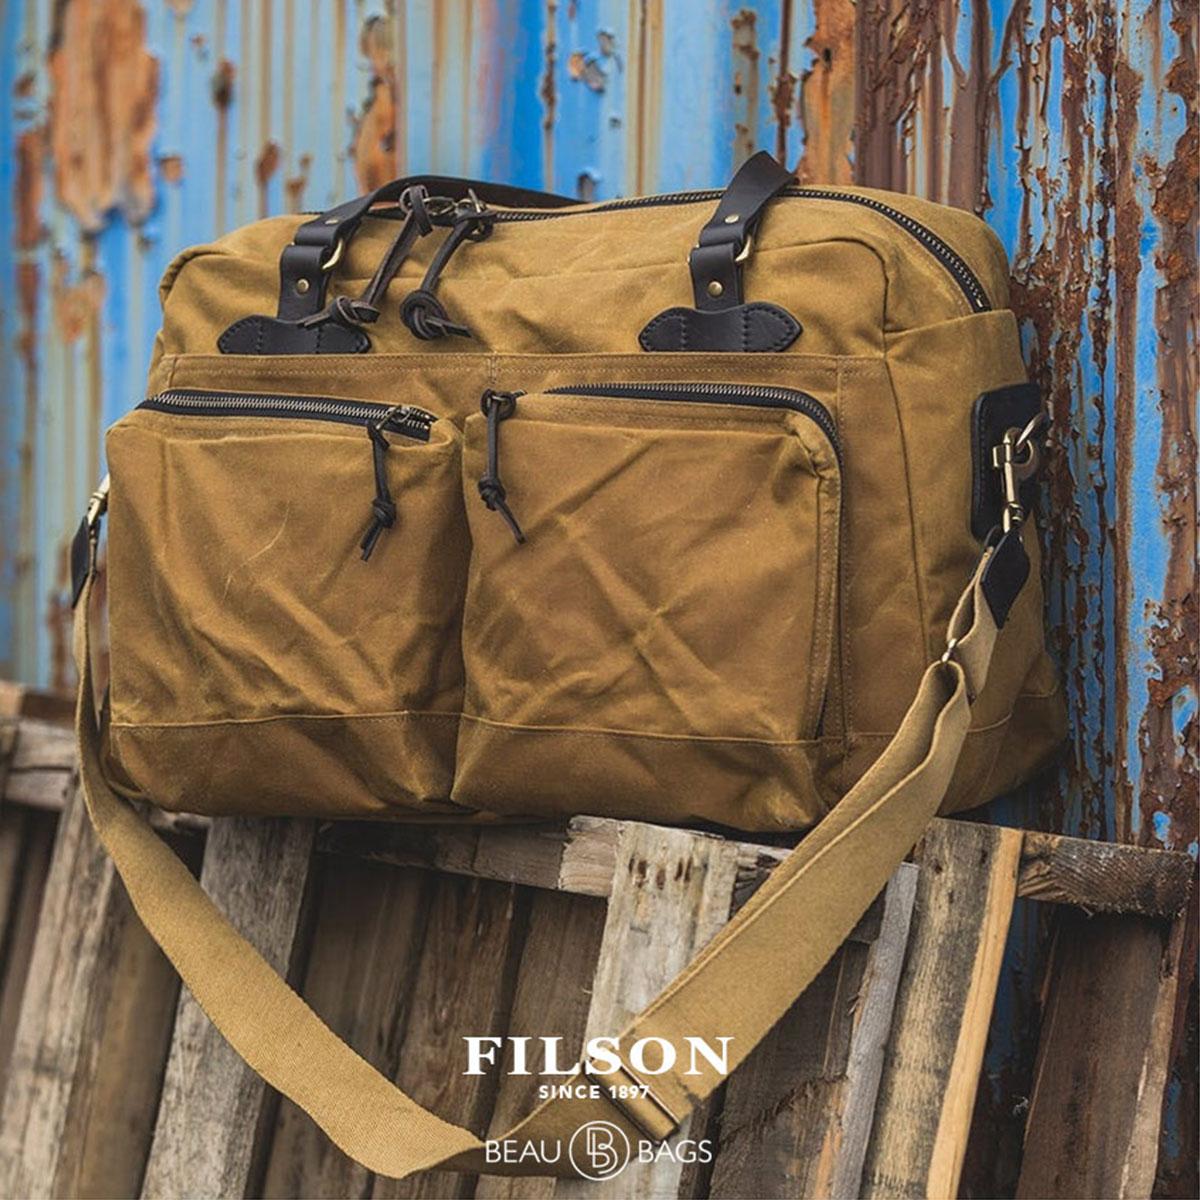 Filson 48-Hour Duffle Dark Tan, een robuuste reistas met grote vakken voor een lang weekend